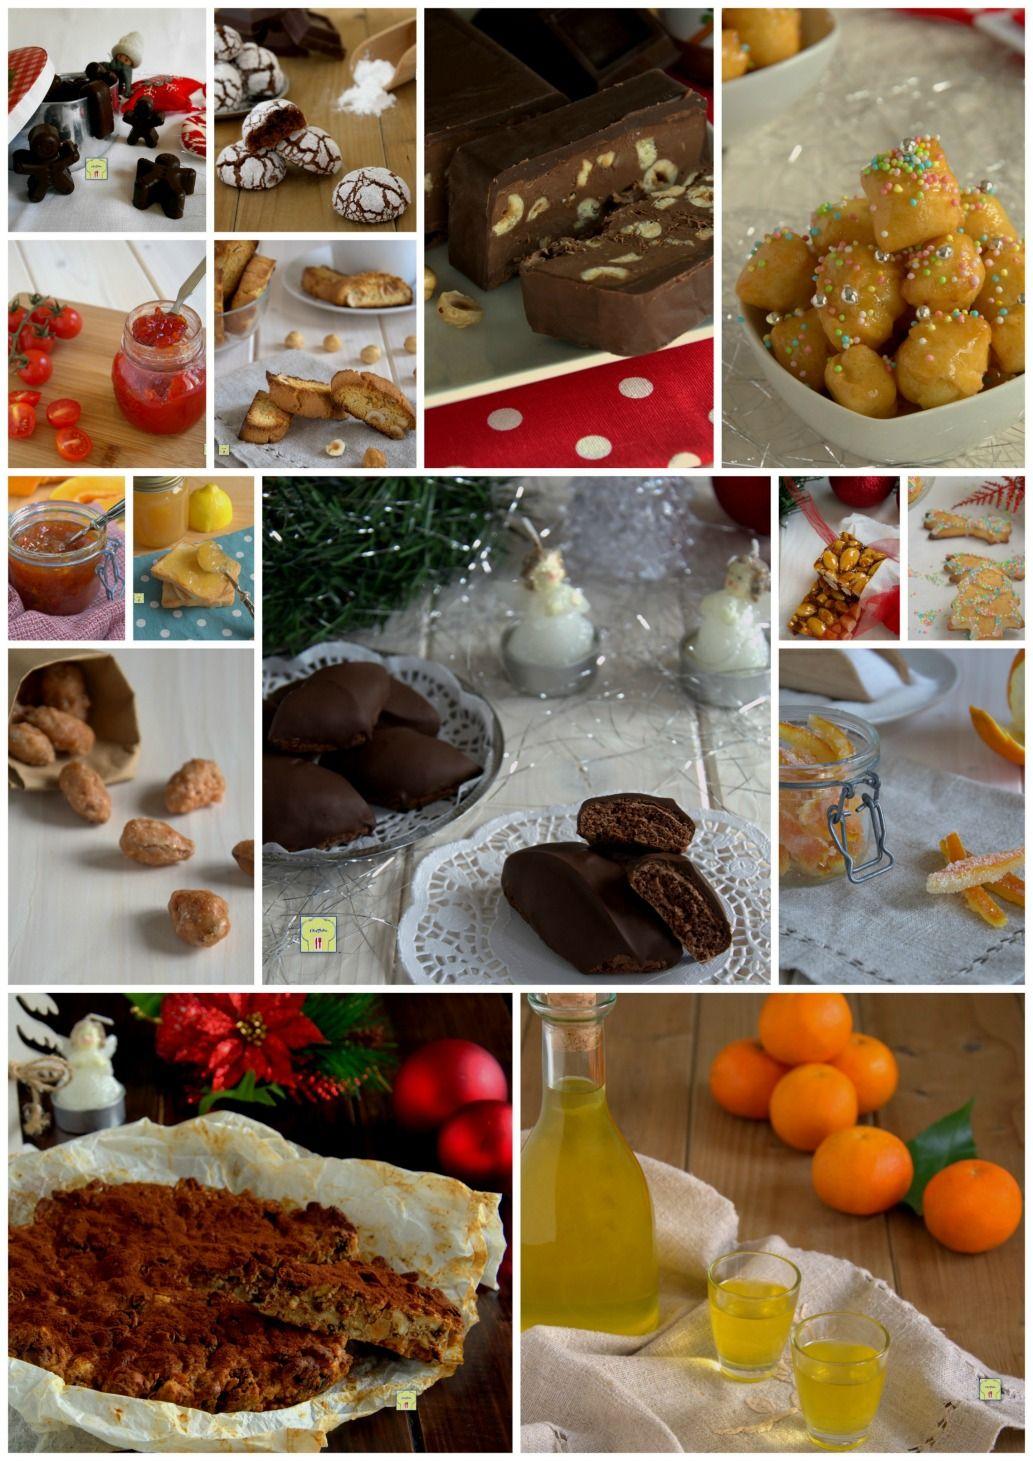 Dolci idee regalo per Natale, regali home made per Natale | Chez ...